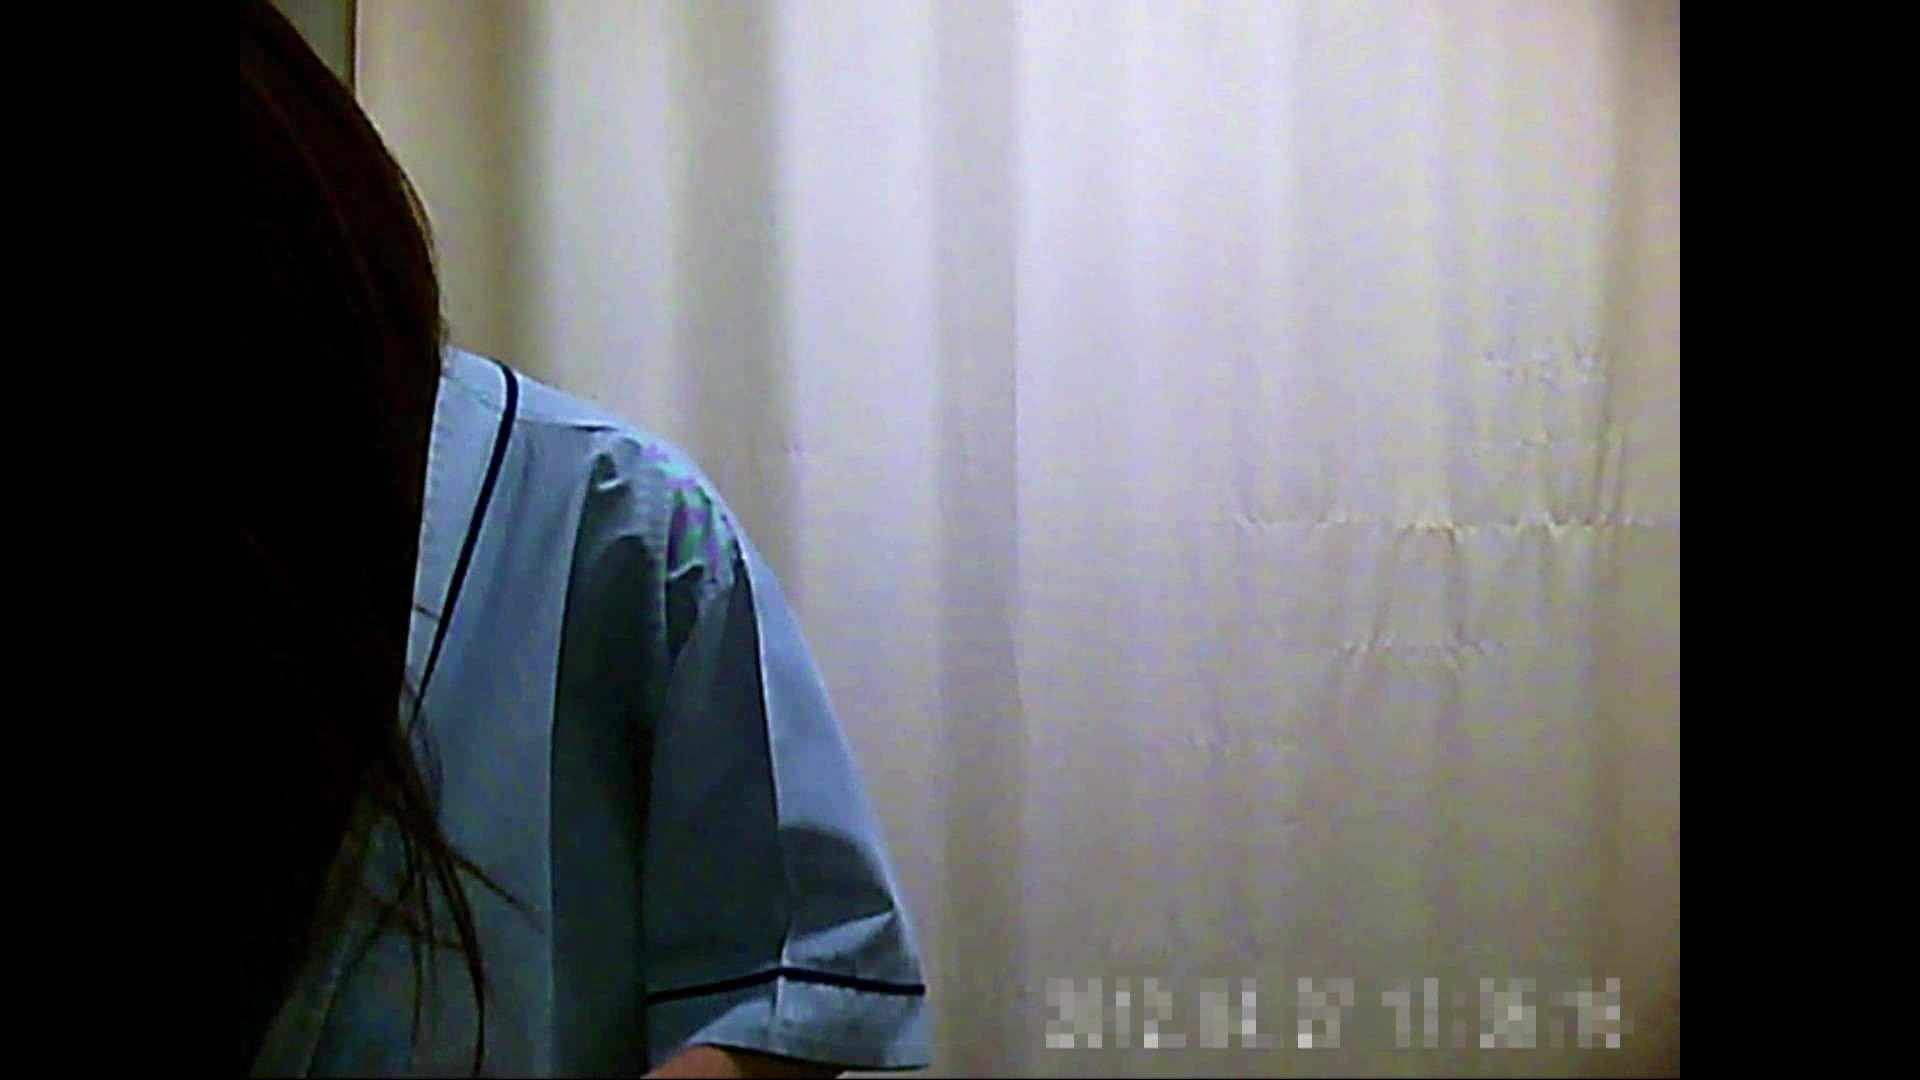 病院おもいっきり着替え! vol.290 巨乳 オメコ動画キャプチャ 112pic 94